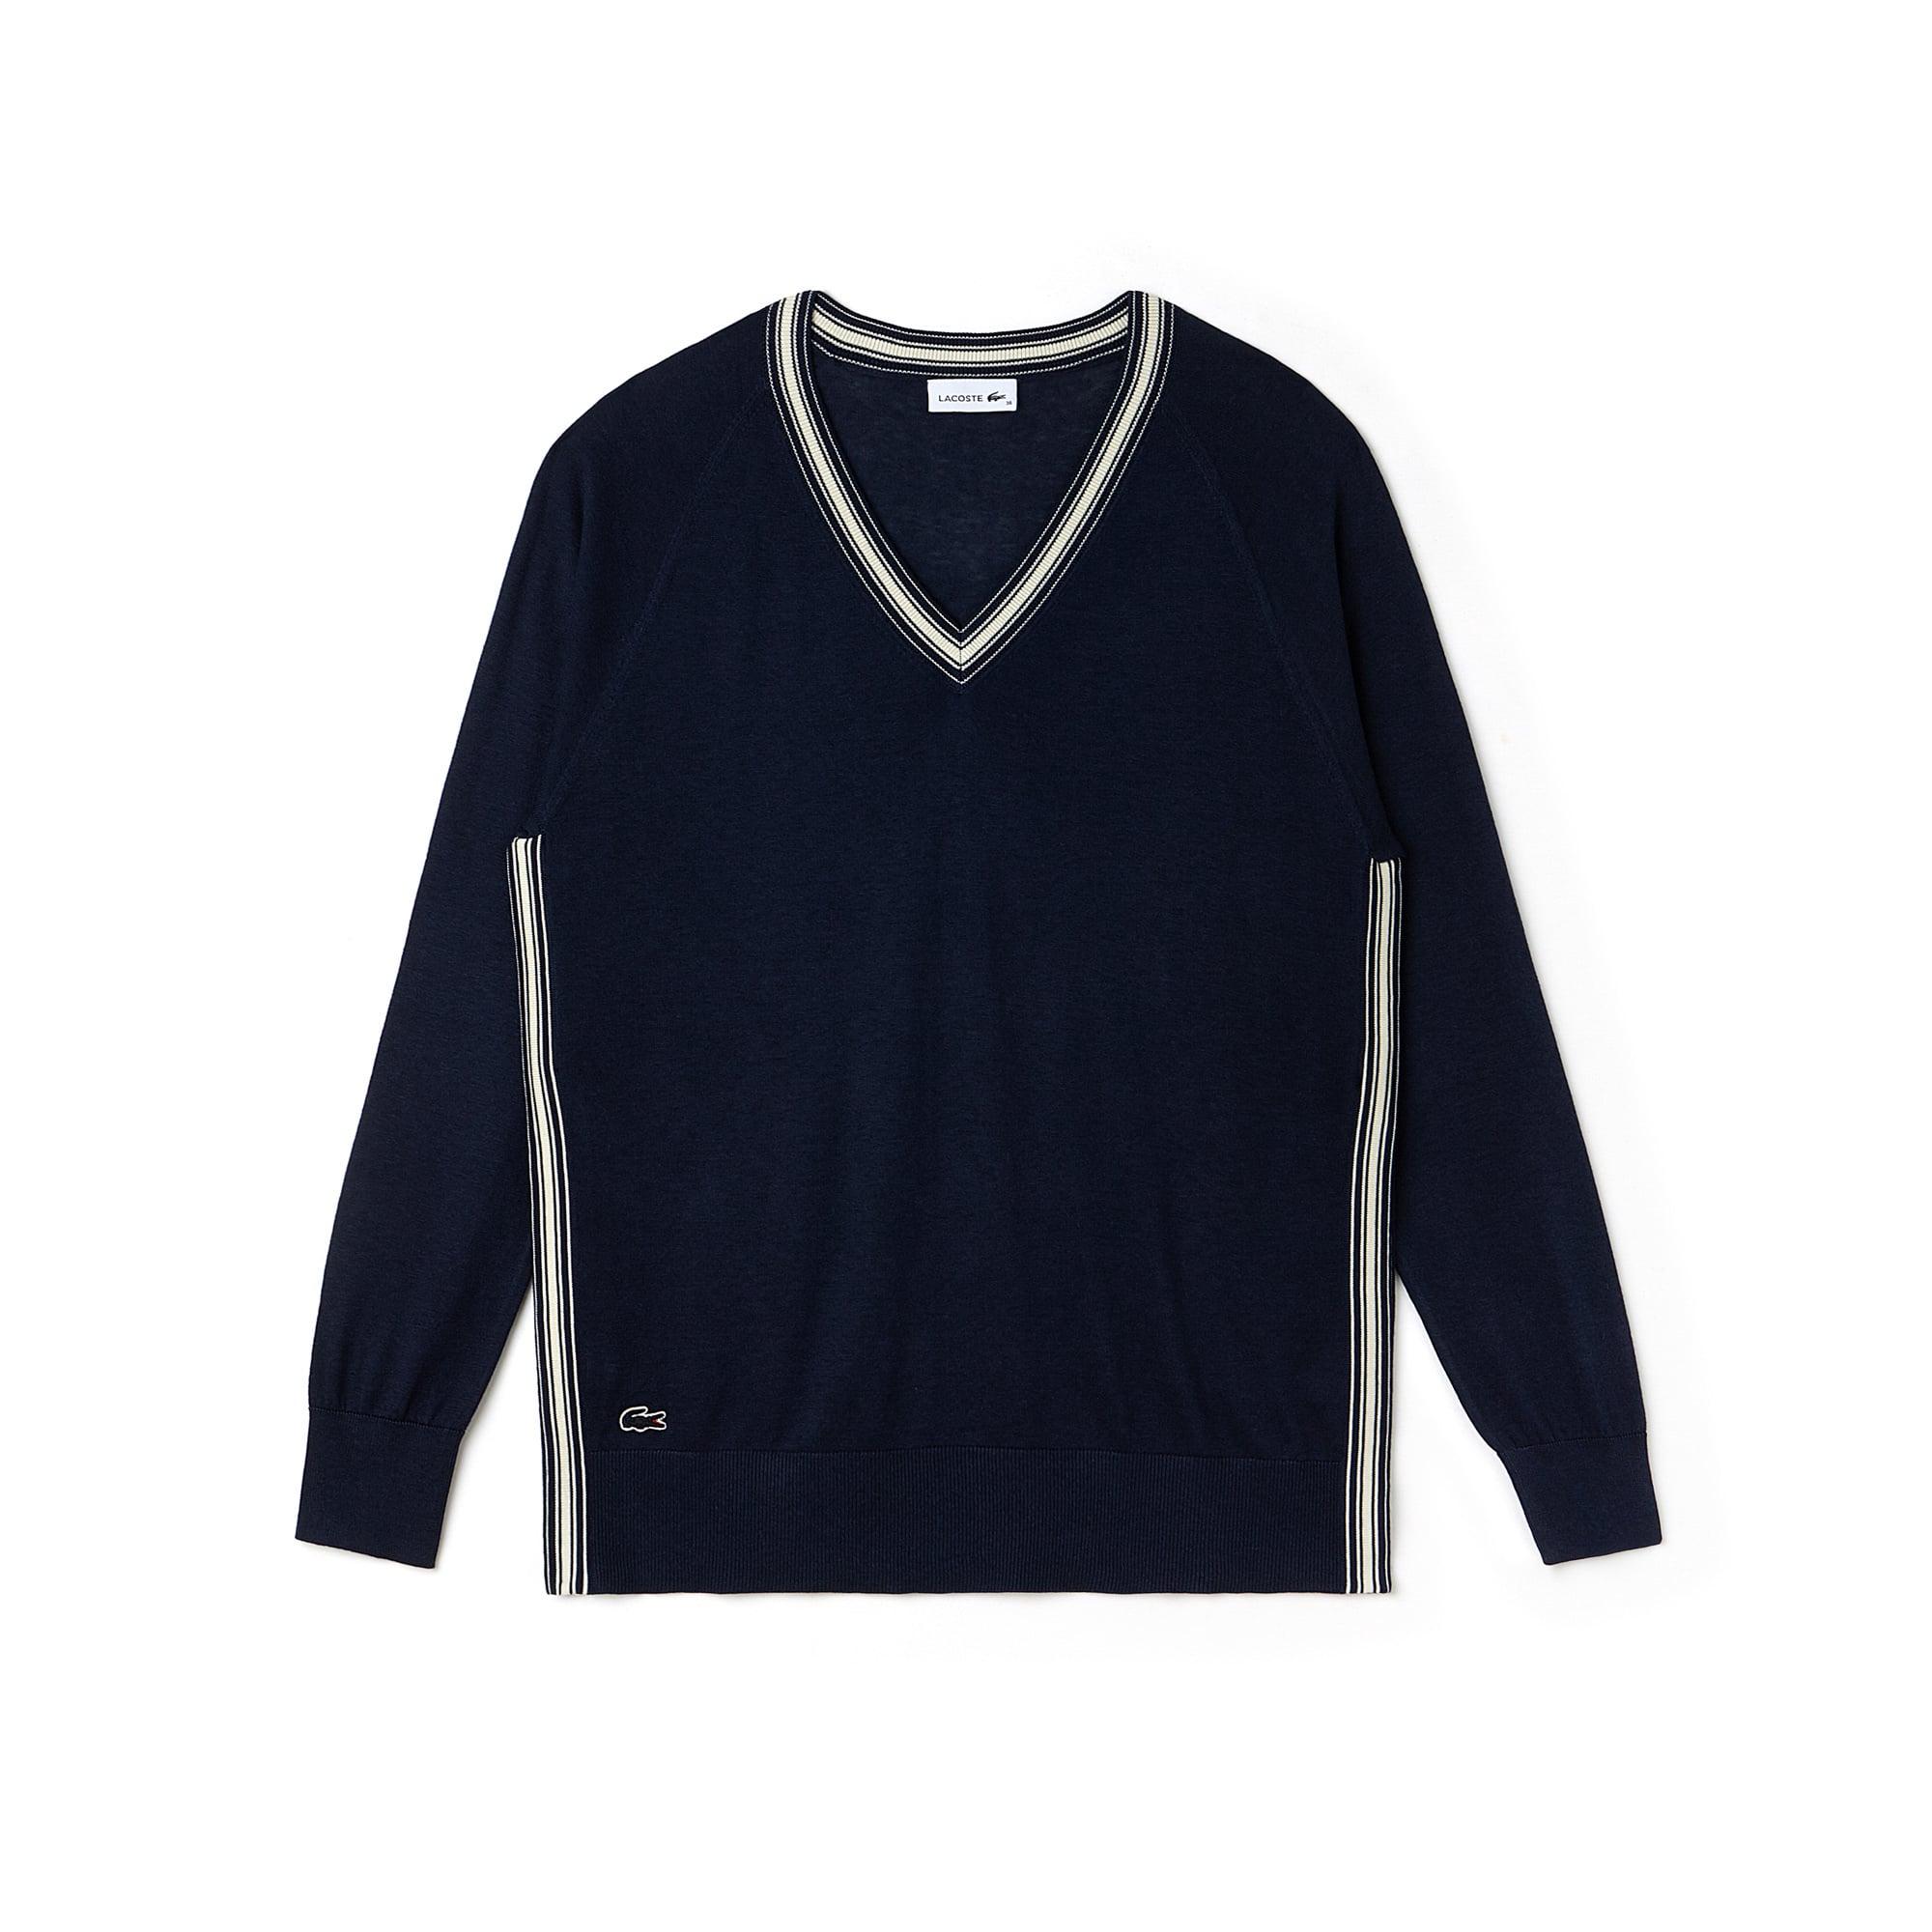 Sweater dames V-hals zijde-katoenjersey met inkeping en paspels